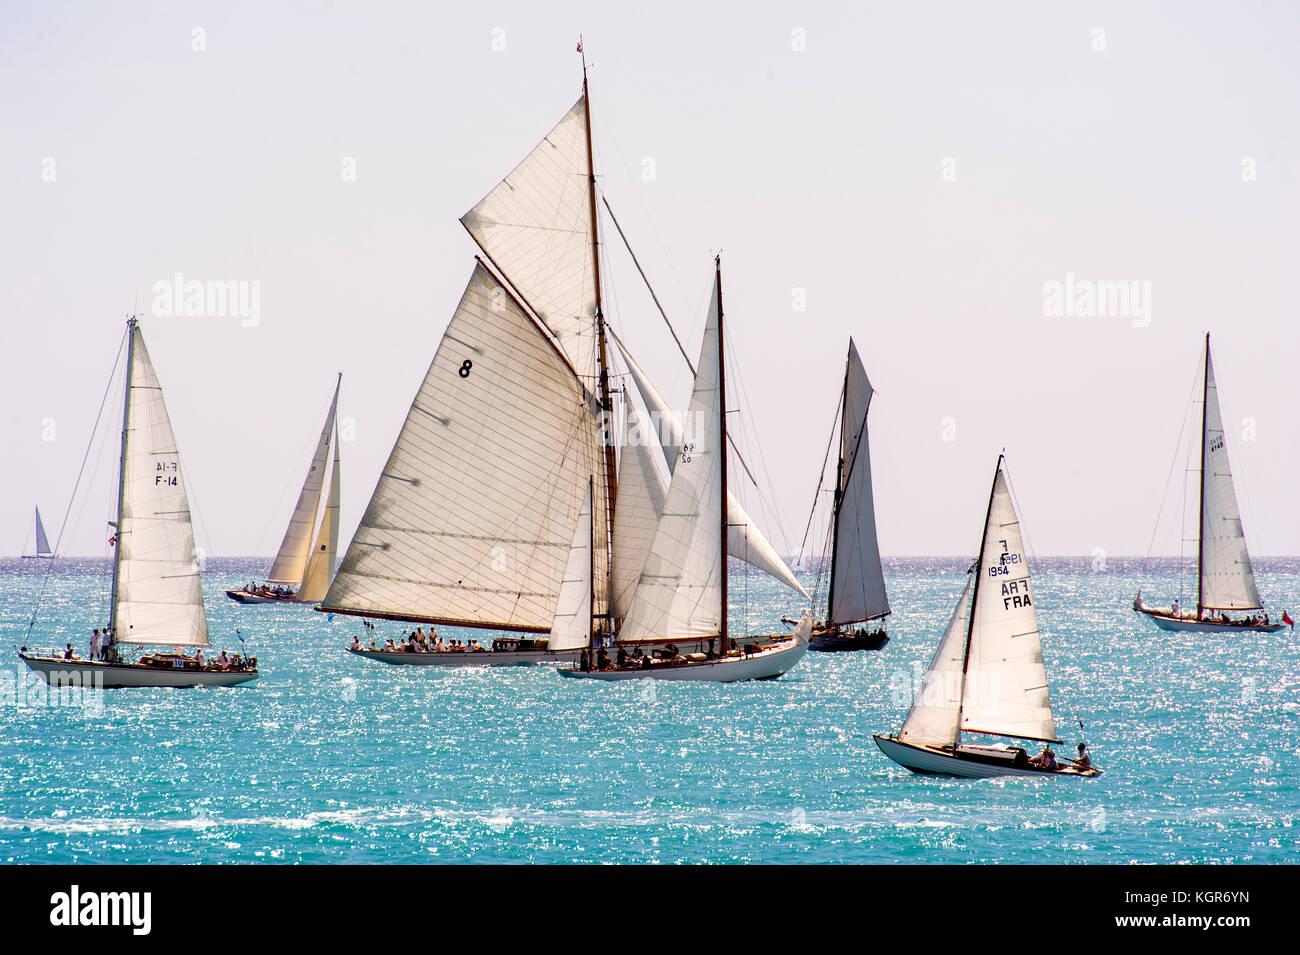 Voile bateau stock photos voile bateau stock images alamy - Le transat antibes ...